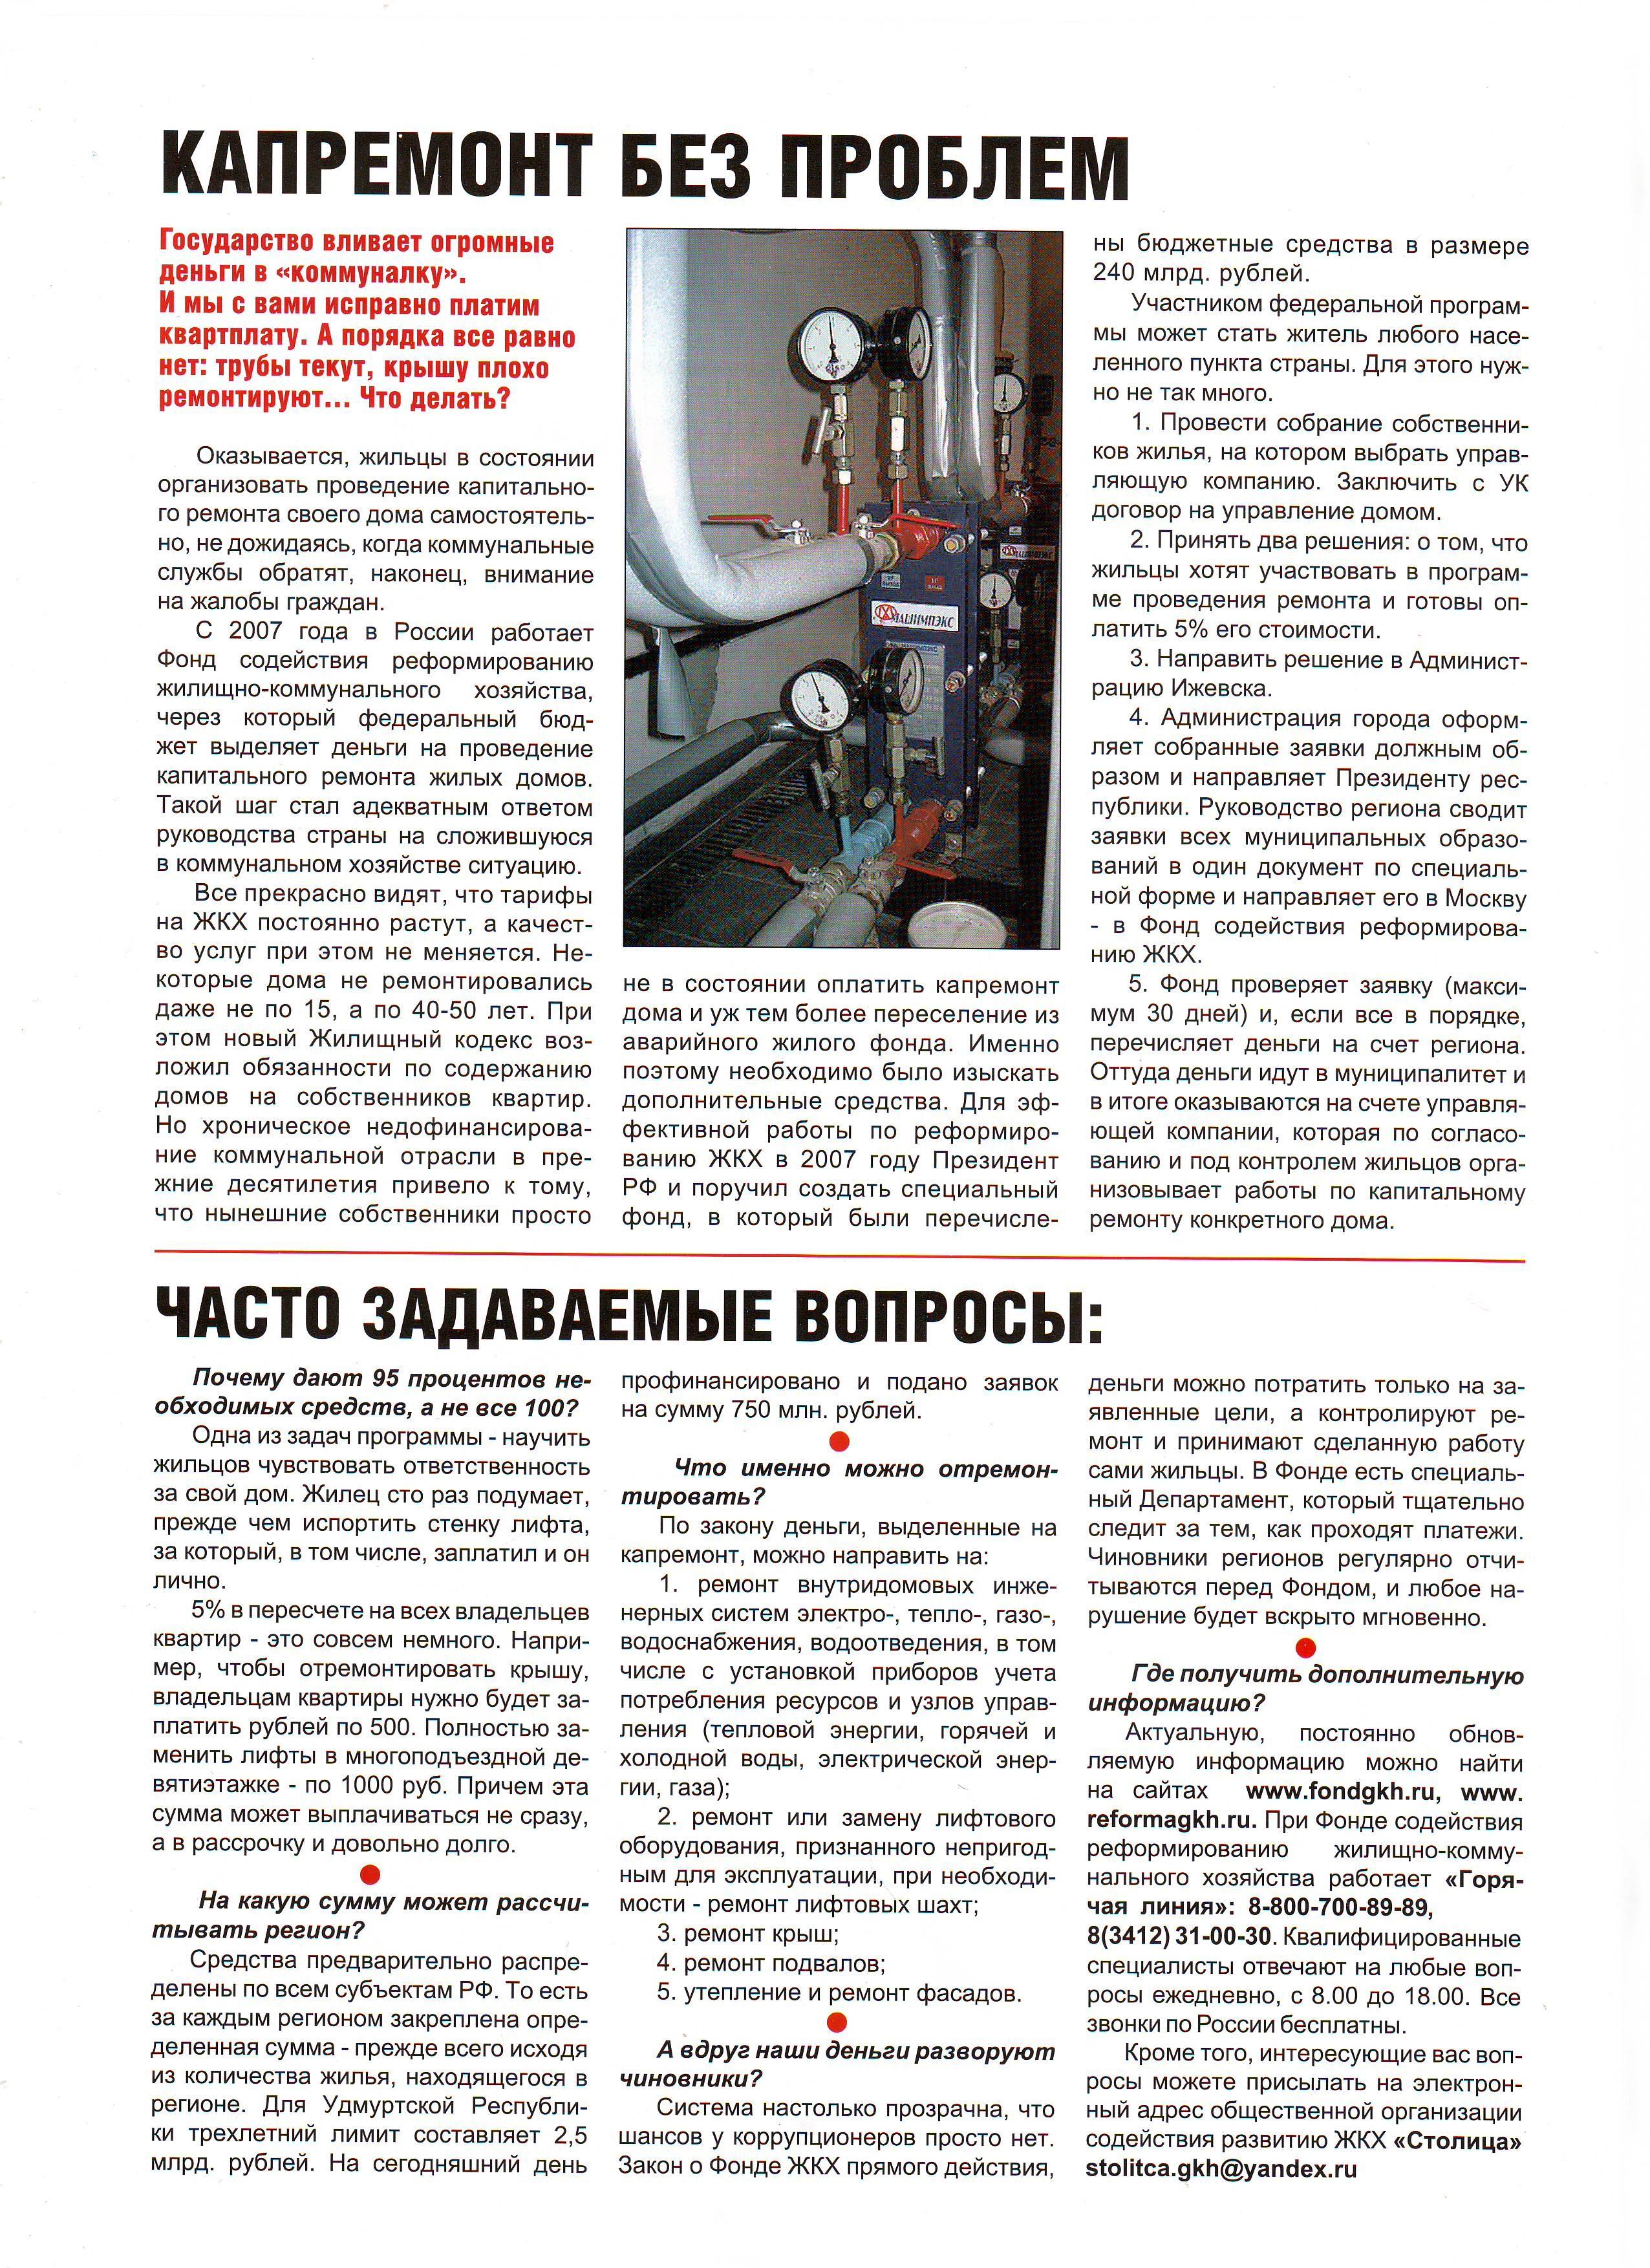 Брошюра ЖКХ и ТСЖ в Ижевске